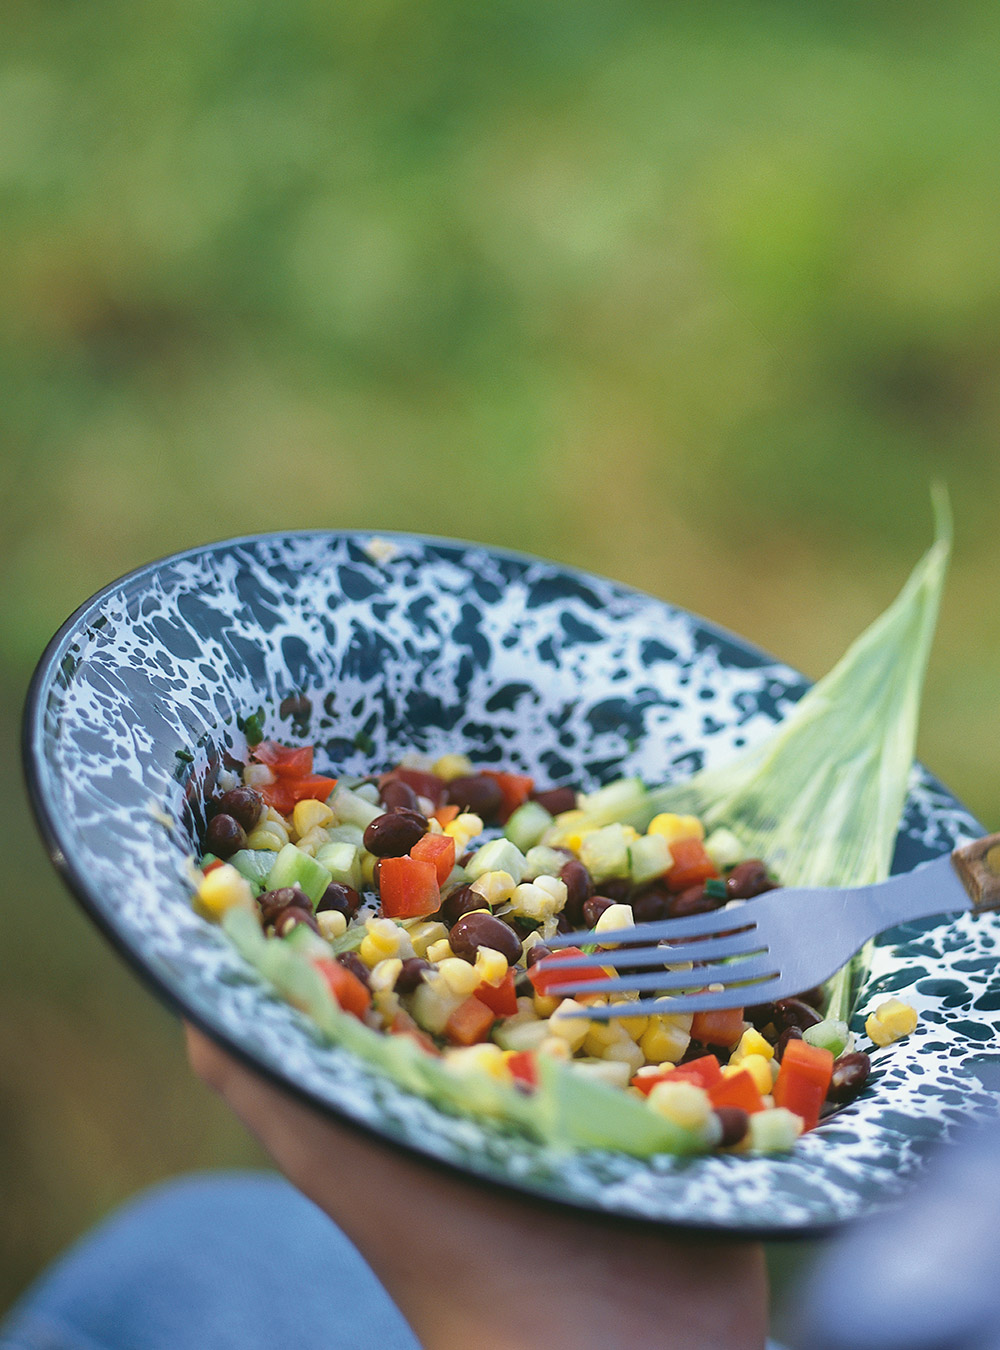 Salade de maïs et de haricots noirs | ricardo